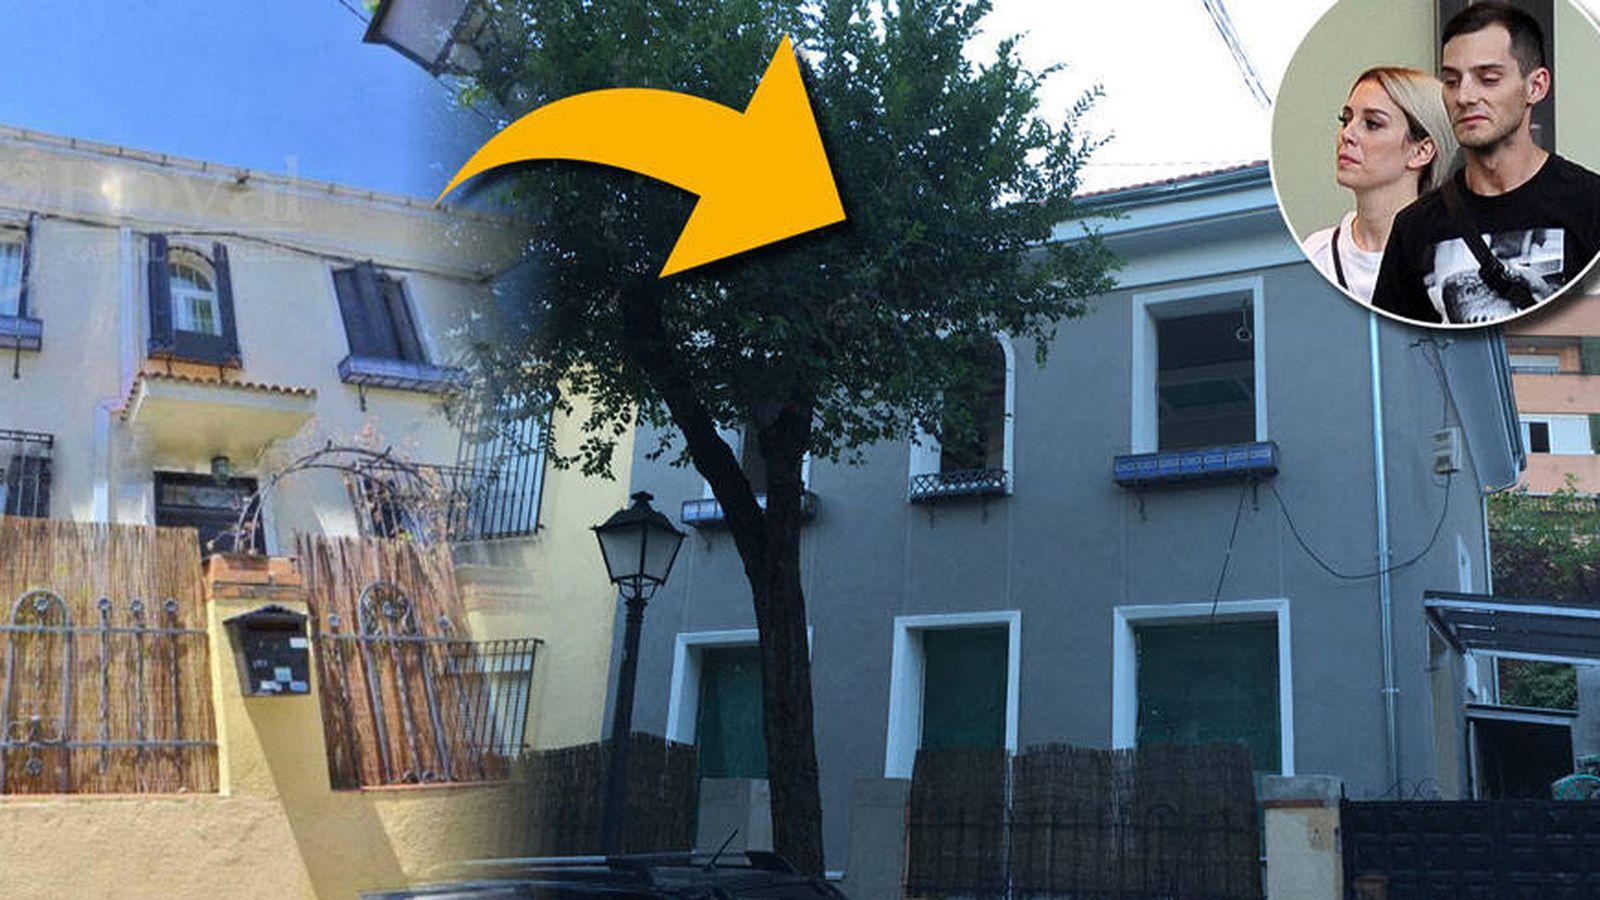 Casas De Famosos 780 000 Euros Y 6 Meses De Obras Así Es El Chalé De Blanca Suárez En Madrid